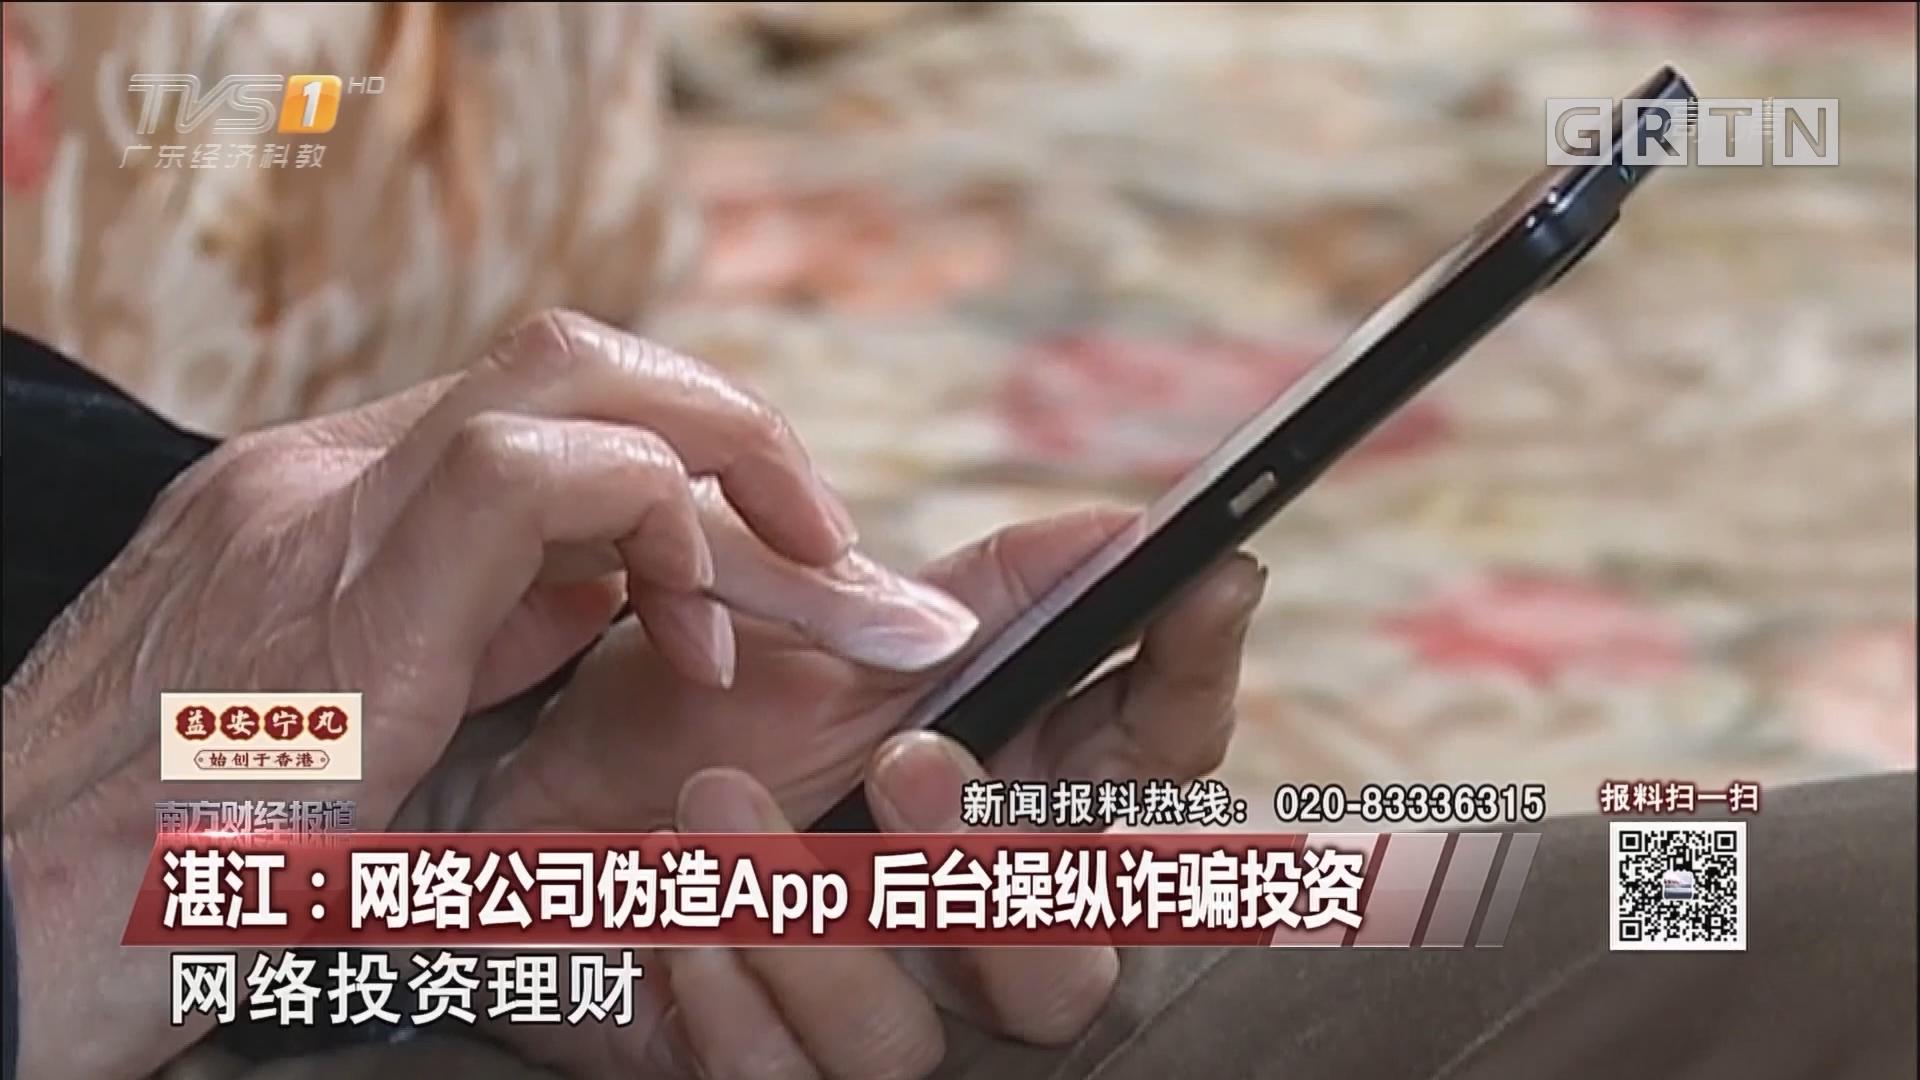 湛江:网络公司伪造App 后台操纵诈骗投资